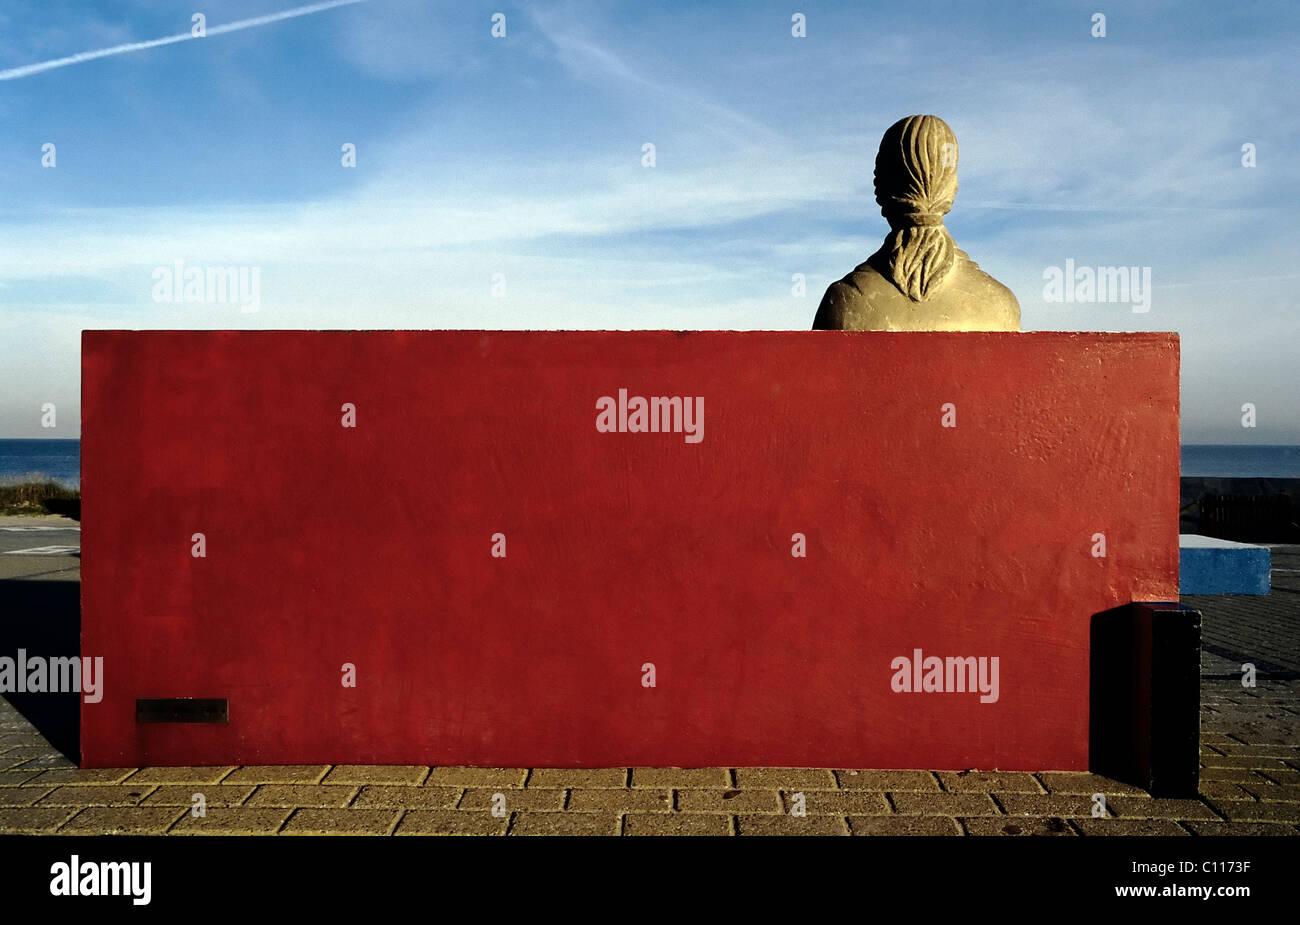 Weibliche Statue Aus Stein Sitzt Auf Einer Steinbank Rot Lackierten,  Rückansicht, Denkmal Für Den Maler Piet Mondrian, Domburg, Walcheren